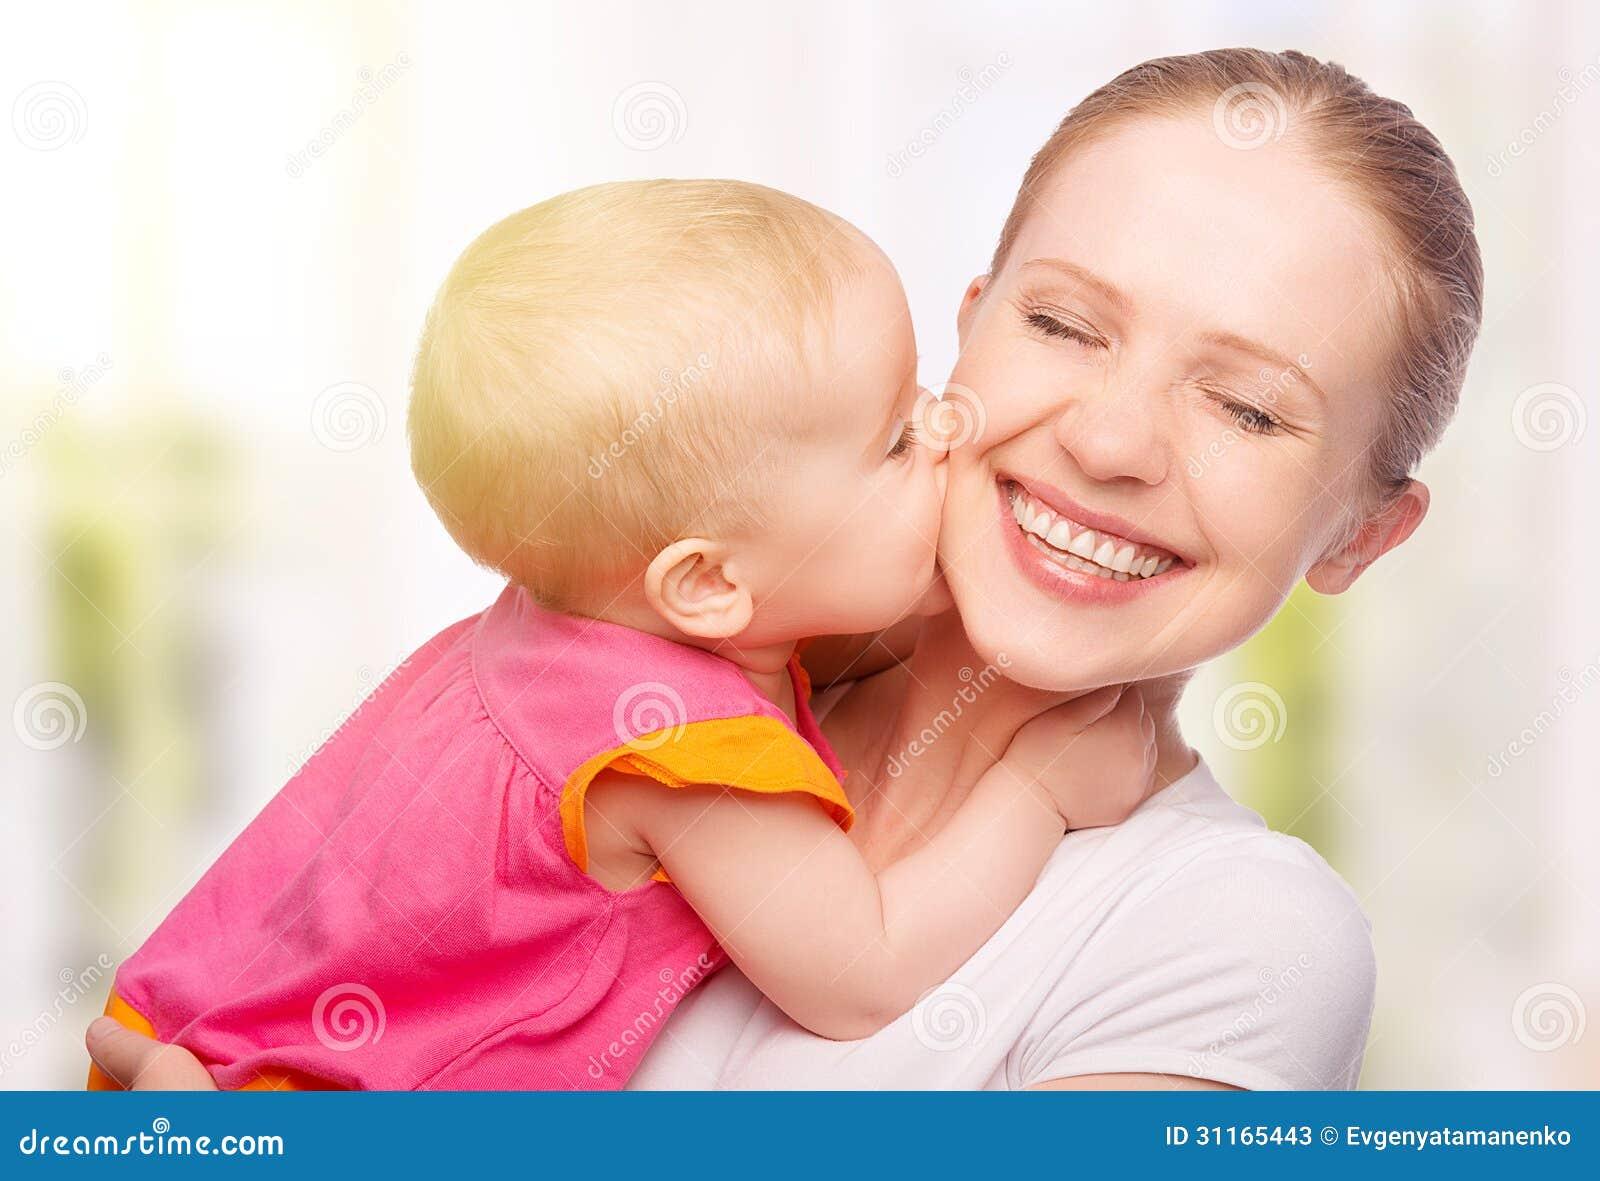 pdf of mom kissing child